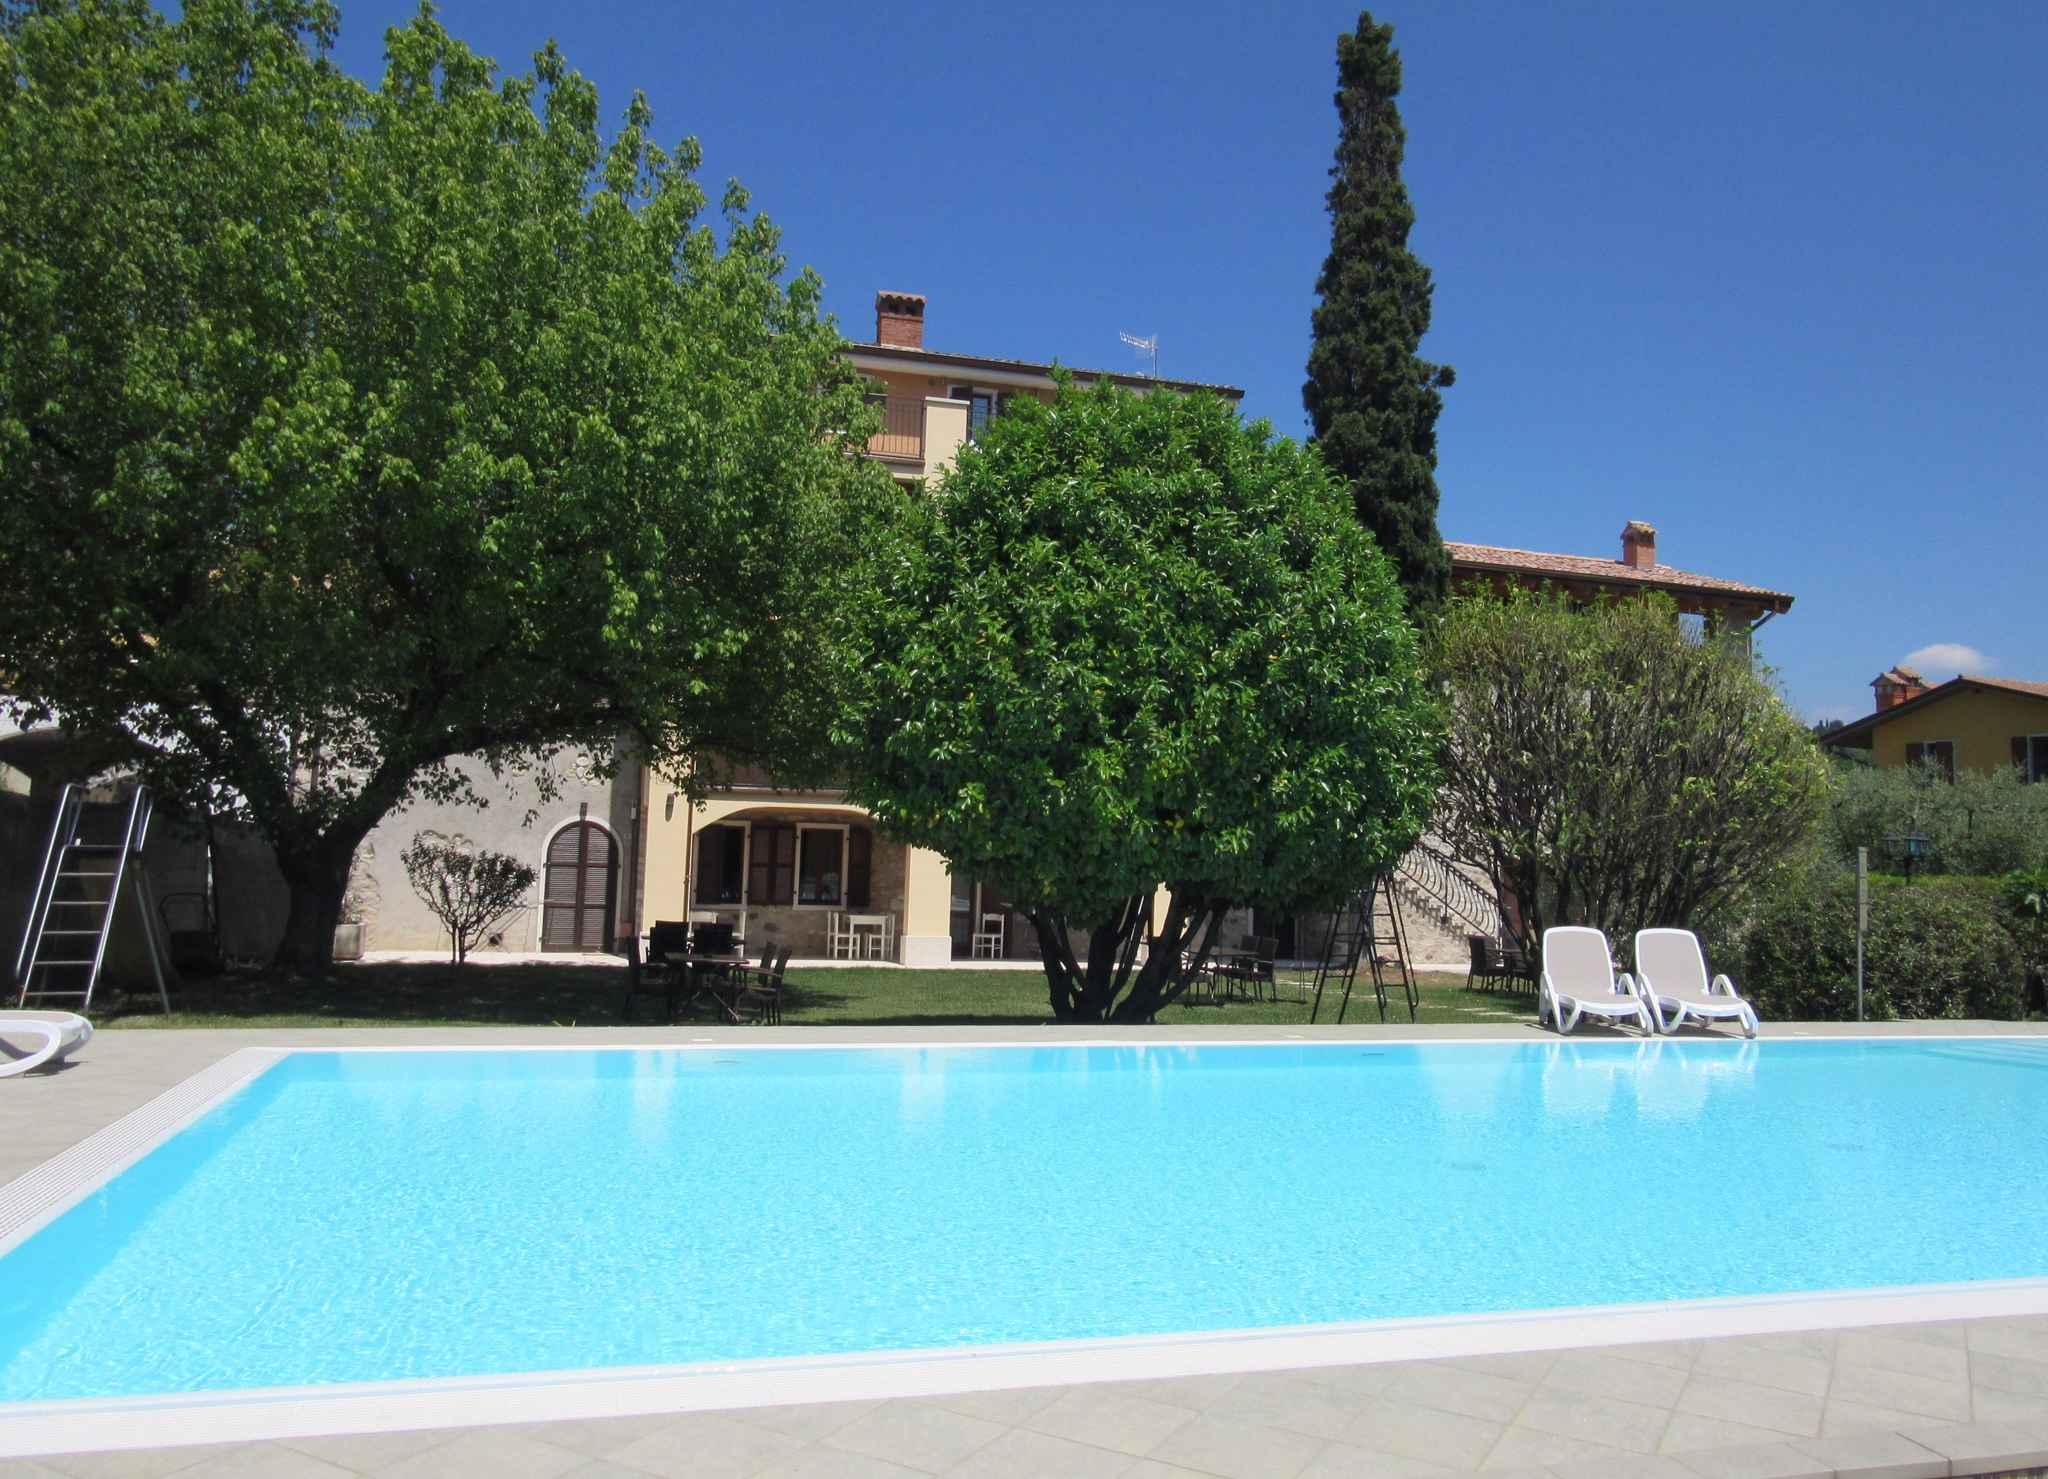 Ferienwohnung mit Balkon (279542), Garda, Gardasee, Venetien, Italien, Bild 9